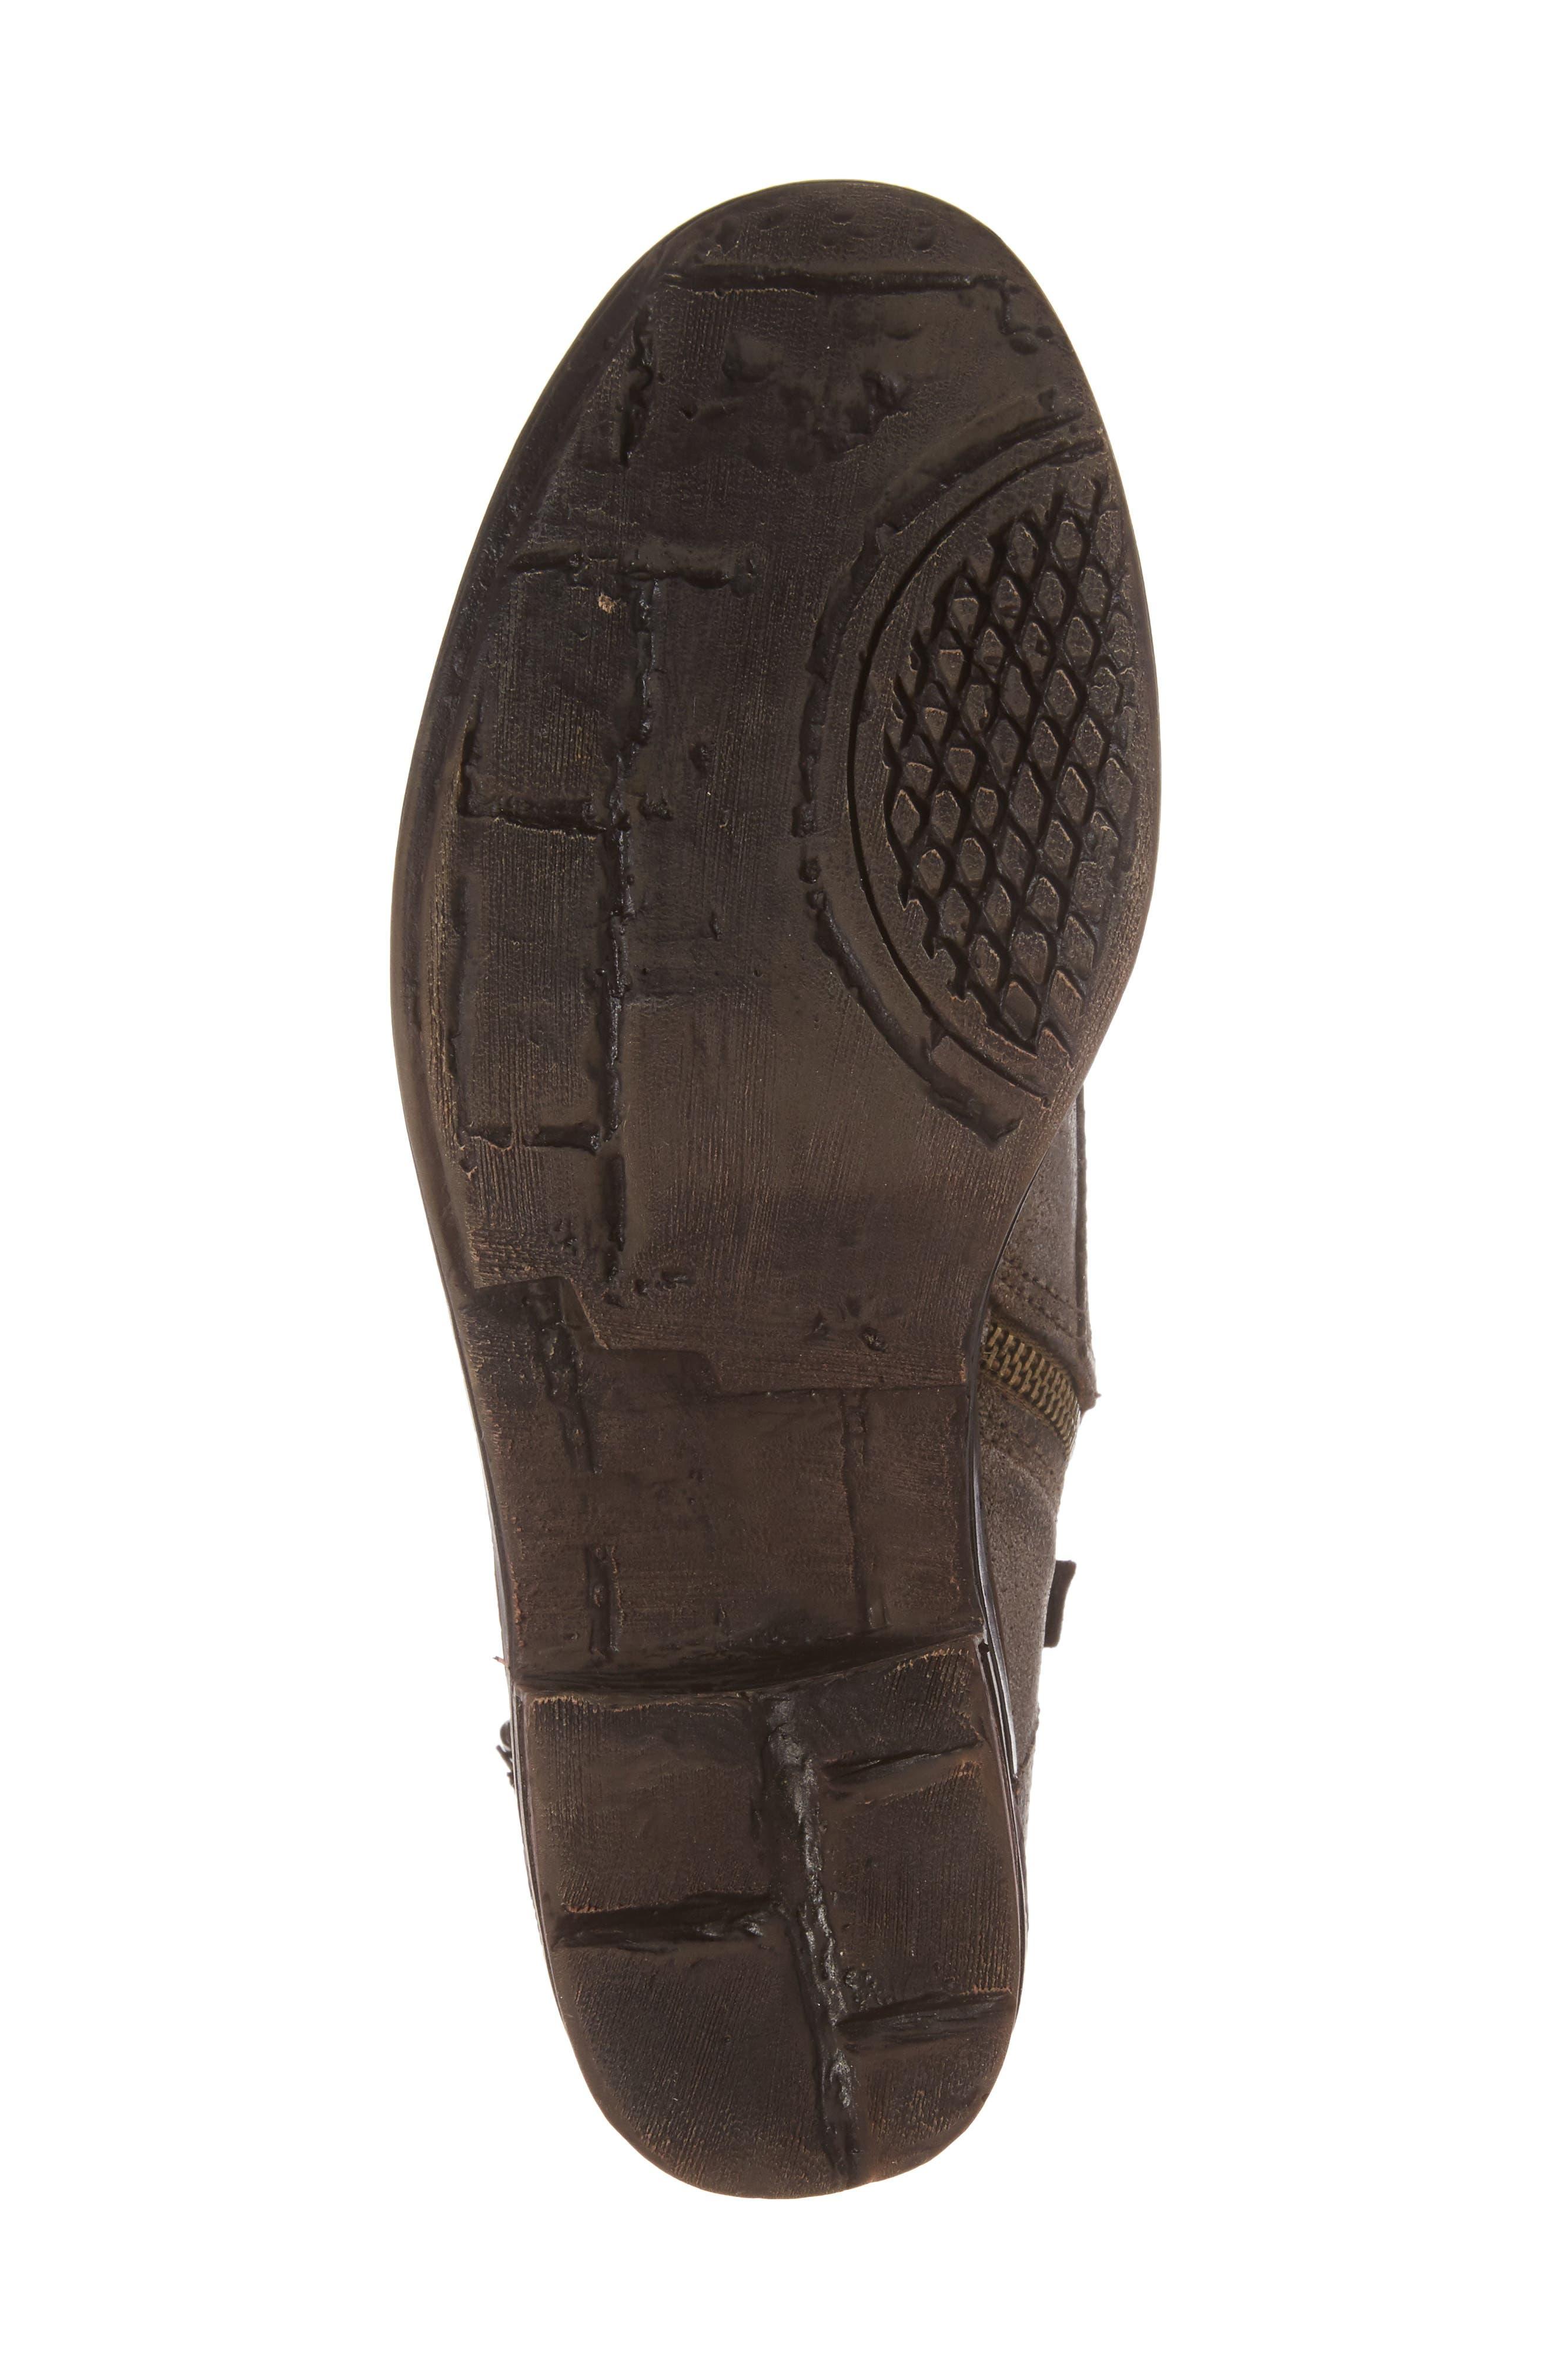 Gallivant Combat Bootie,                             Alternate thumbnail 6, color,                             Mint Leather